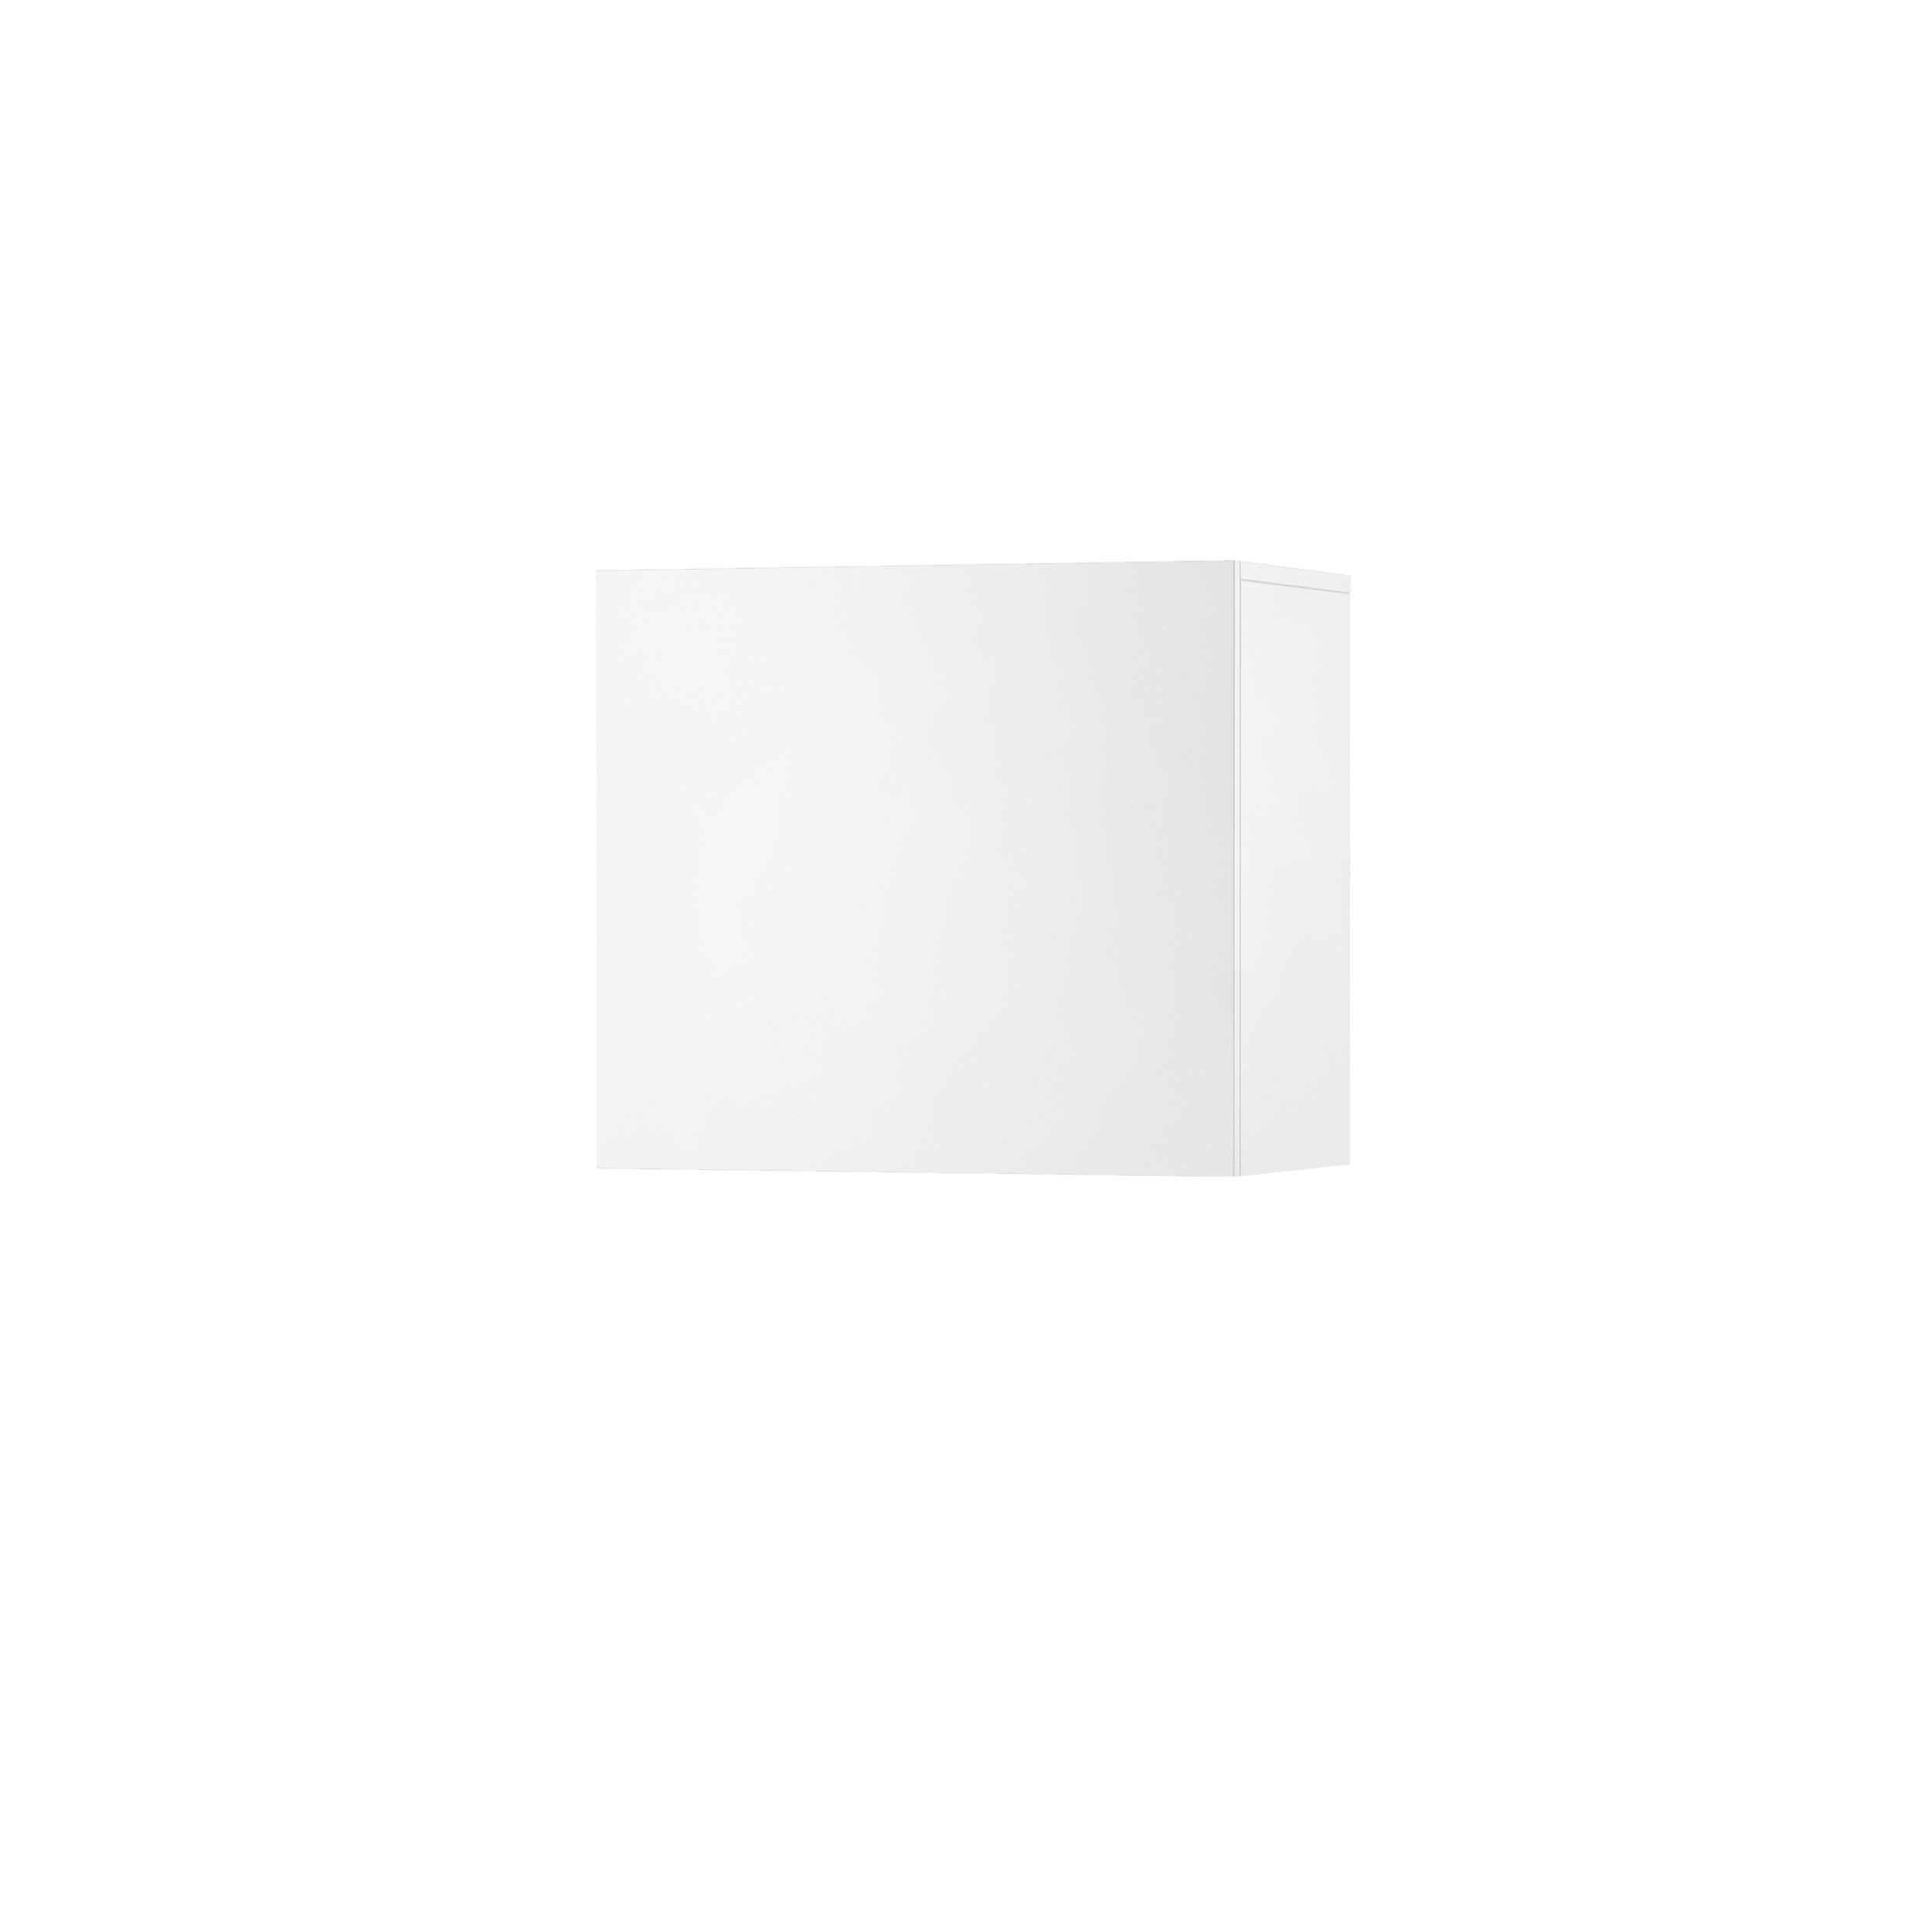 Dulap modular Nook Wide White, L65xl37xh58 cm